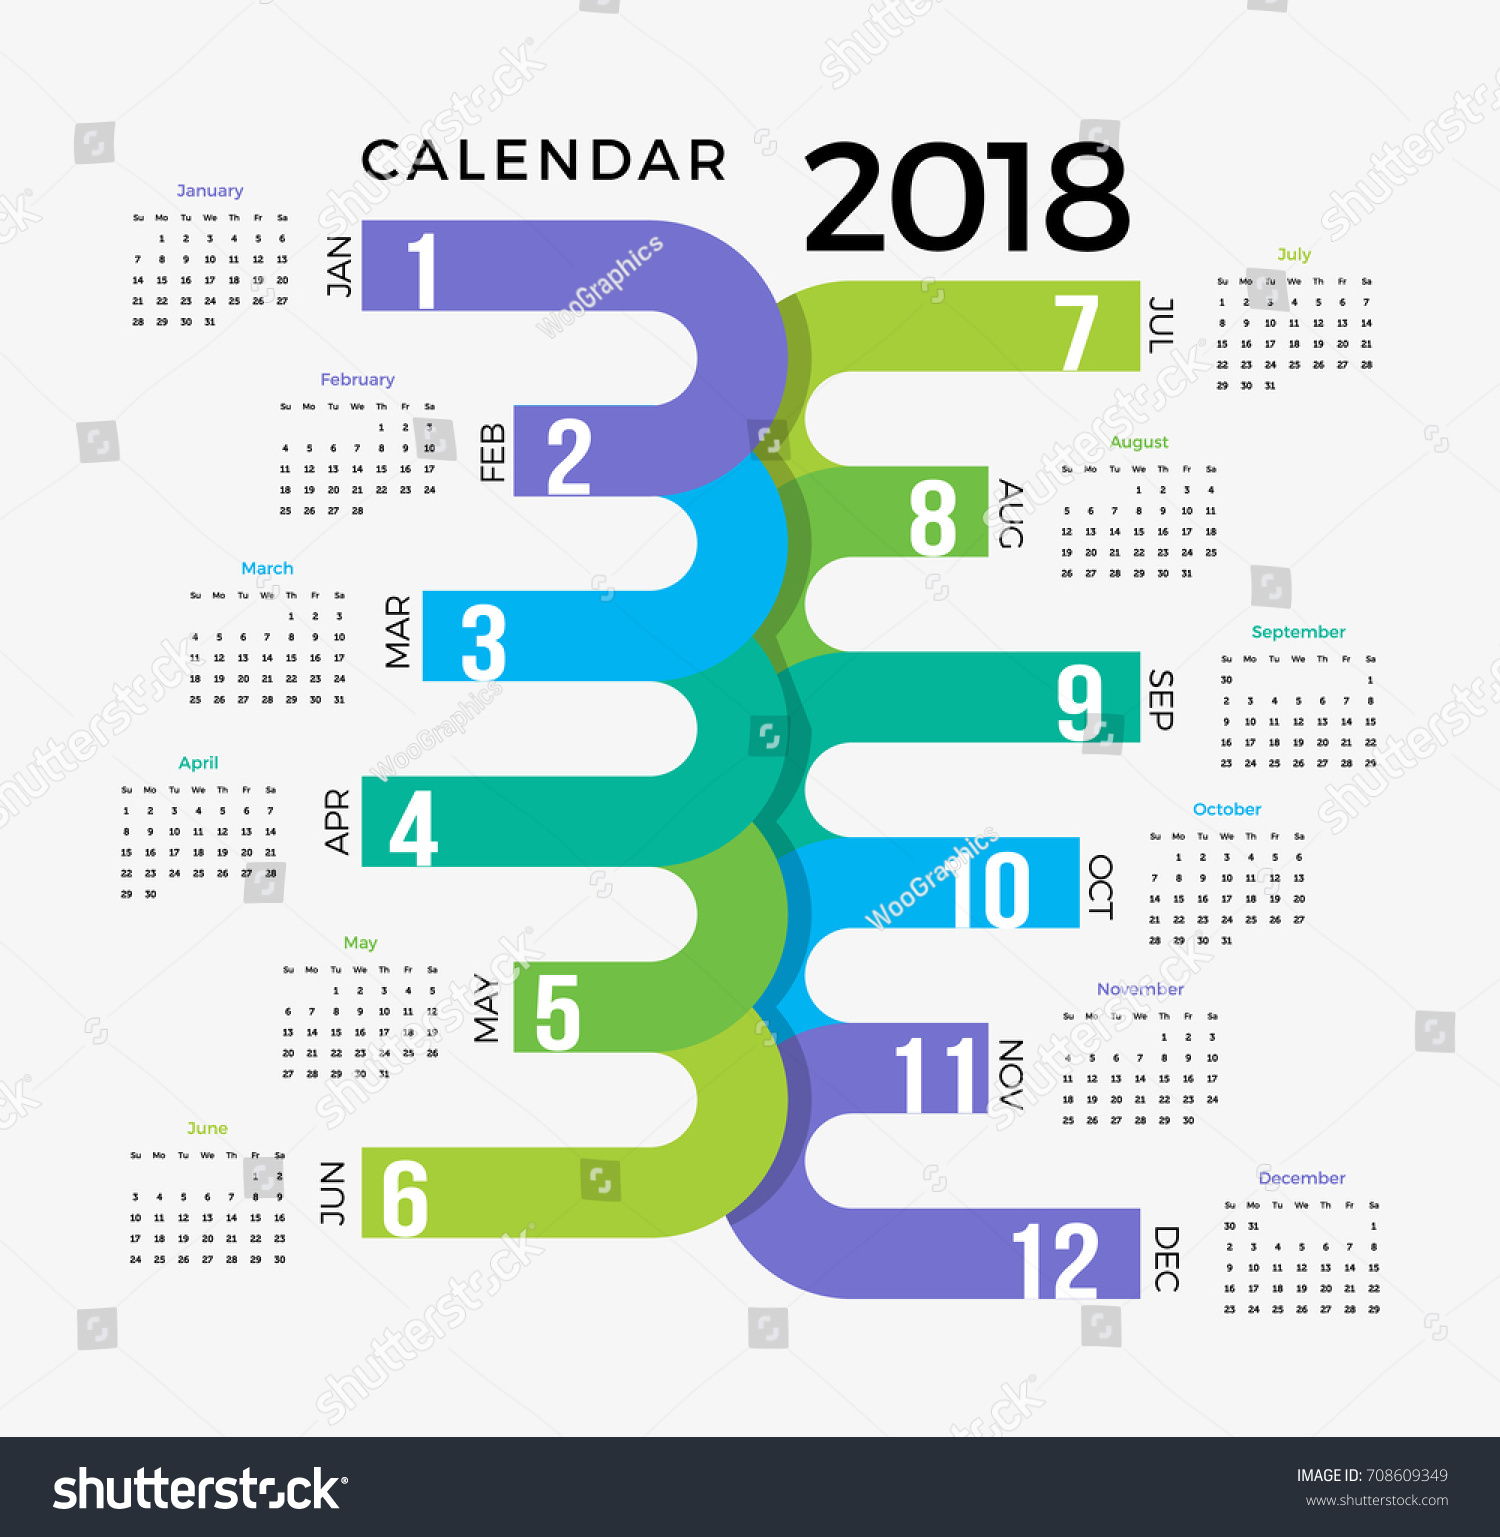 Creative Calendar Template : Calendar template colorful creative happy stock